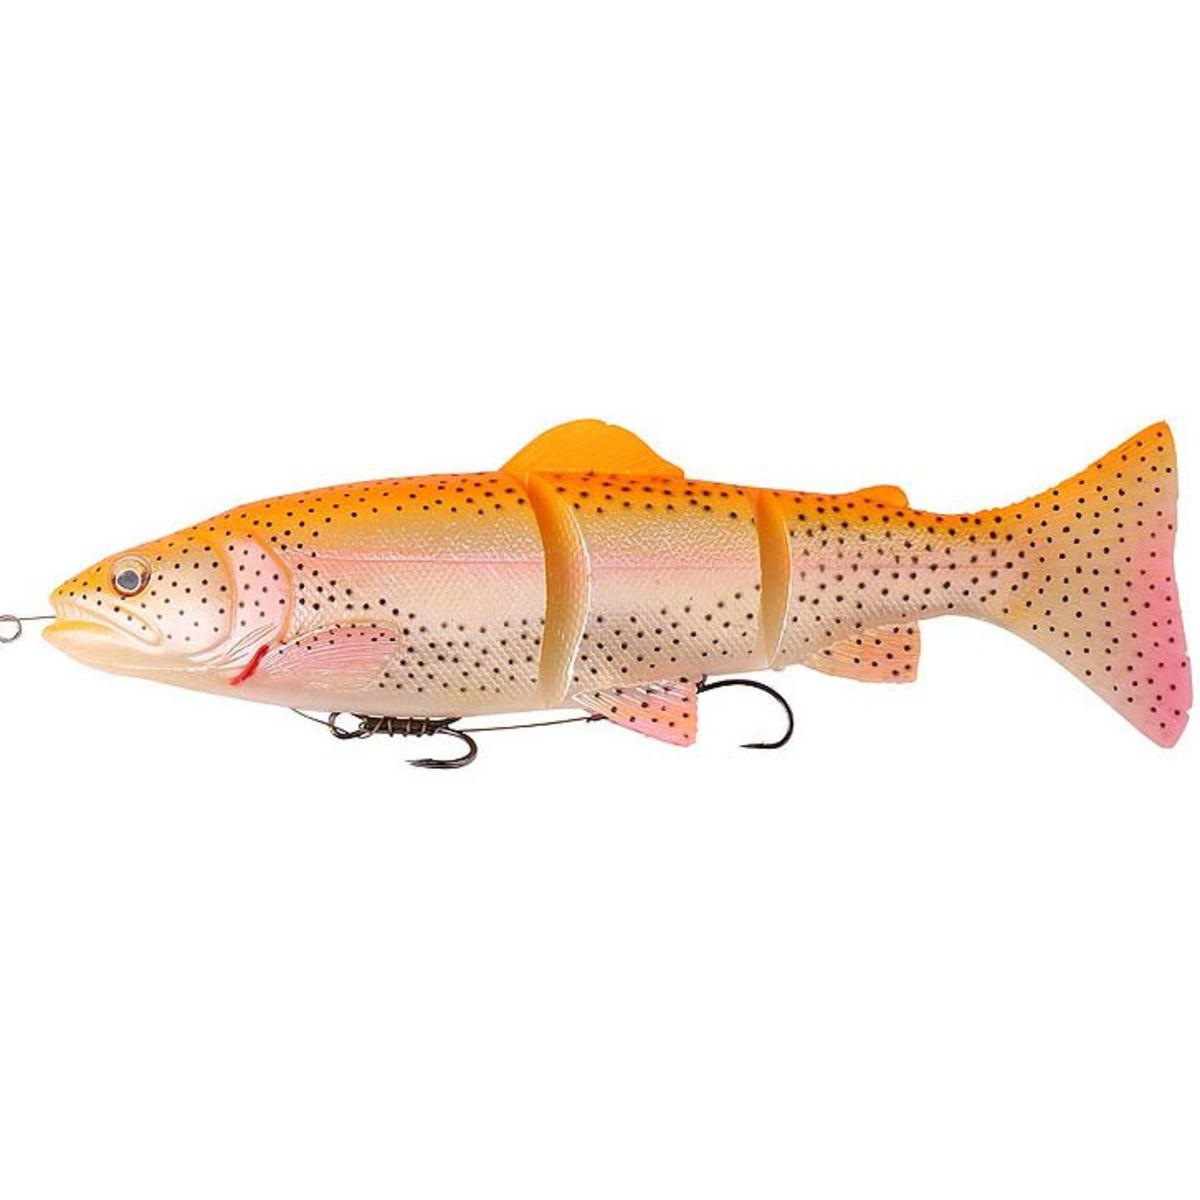 Savage Gear 3D Trout Line Thru - 20 cm - 93 g - Golden Albino